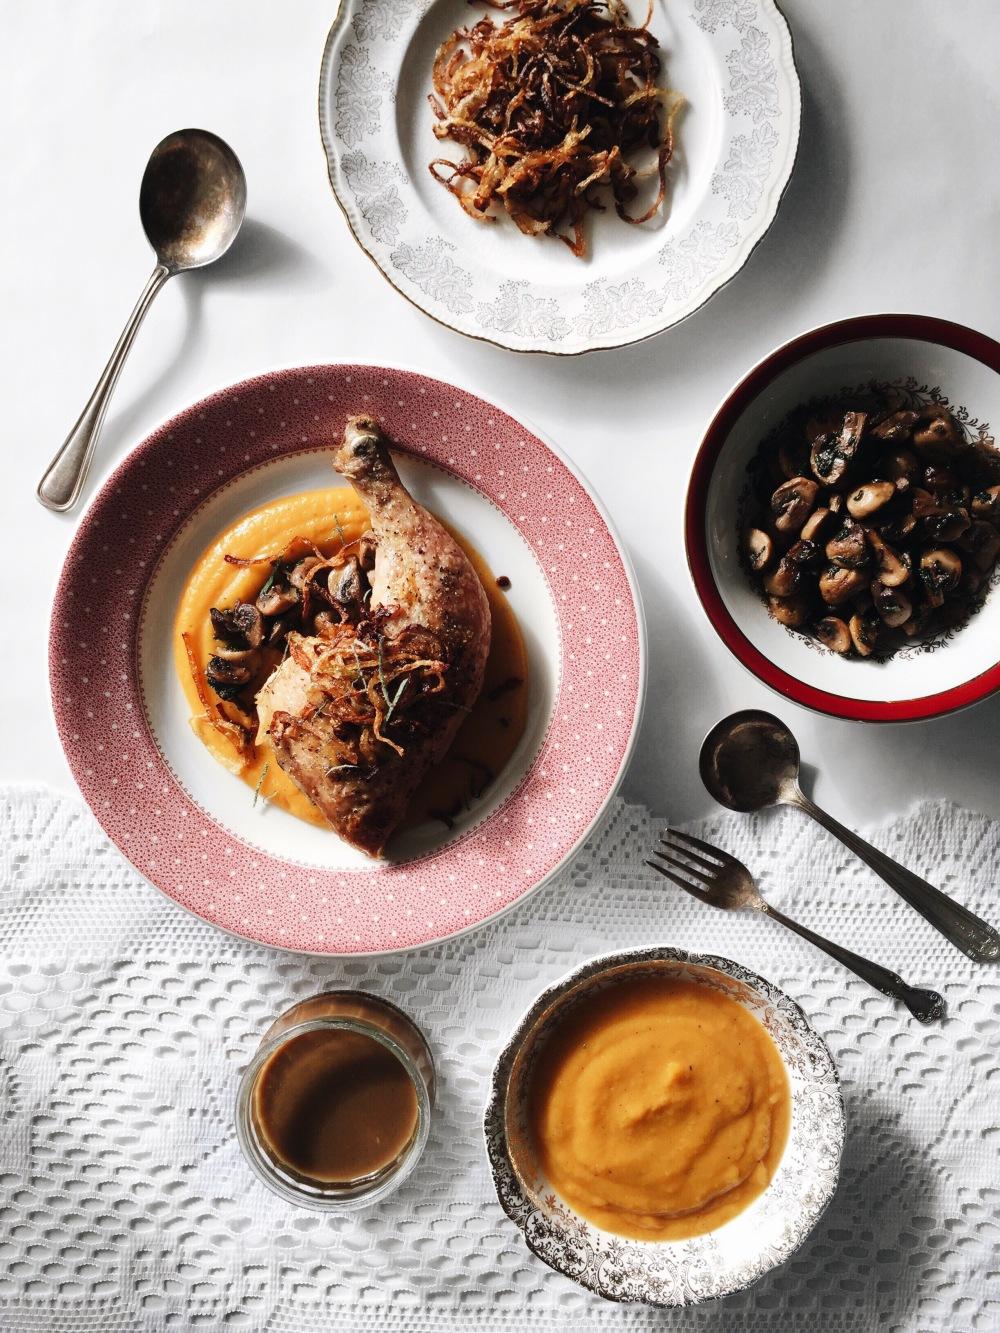 Cuisses de poulet, purée de courge, champignons, oignons frits, sauce jus de viande cannelle